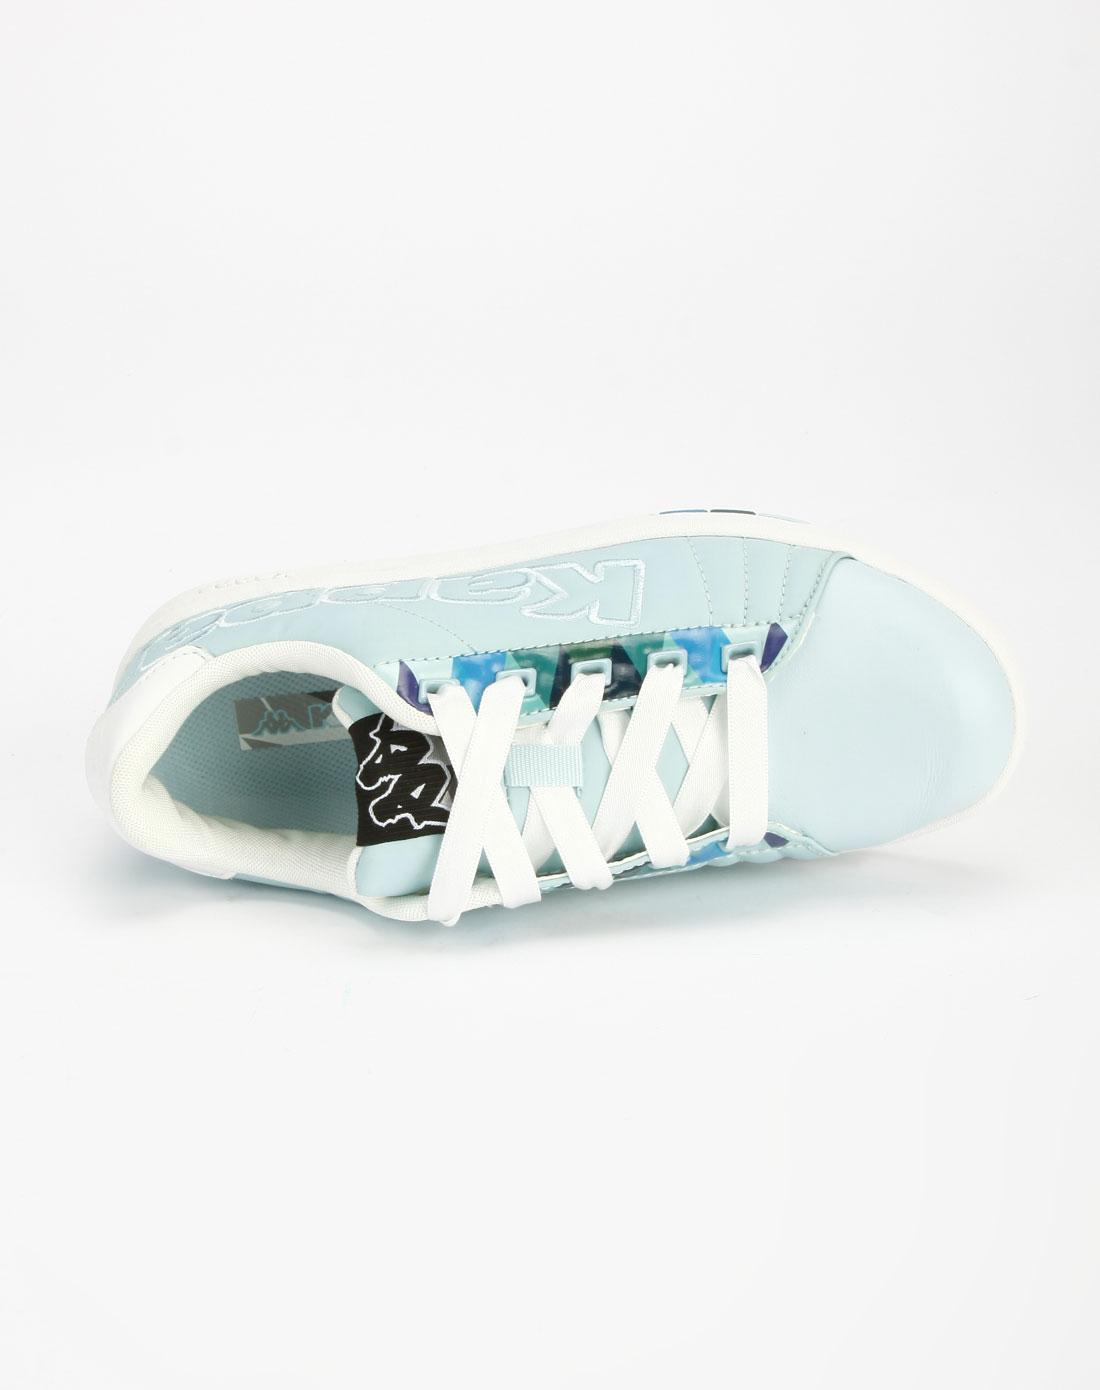 卡帕kappa蓝/白色简约休闲鞋k5103cc172-801